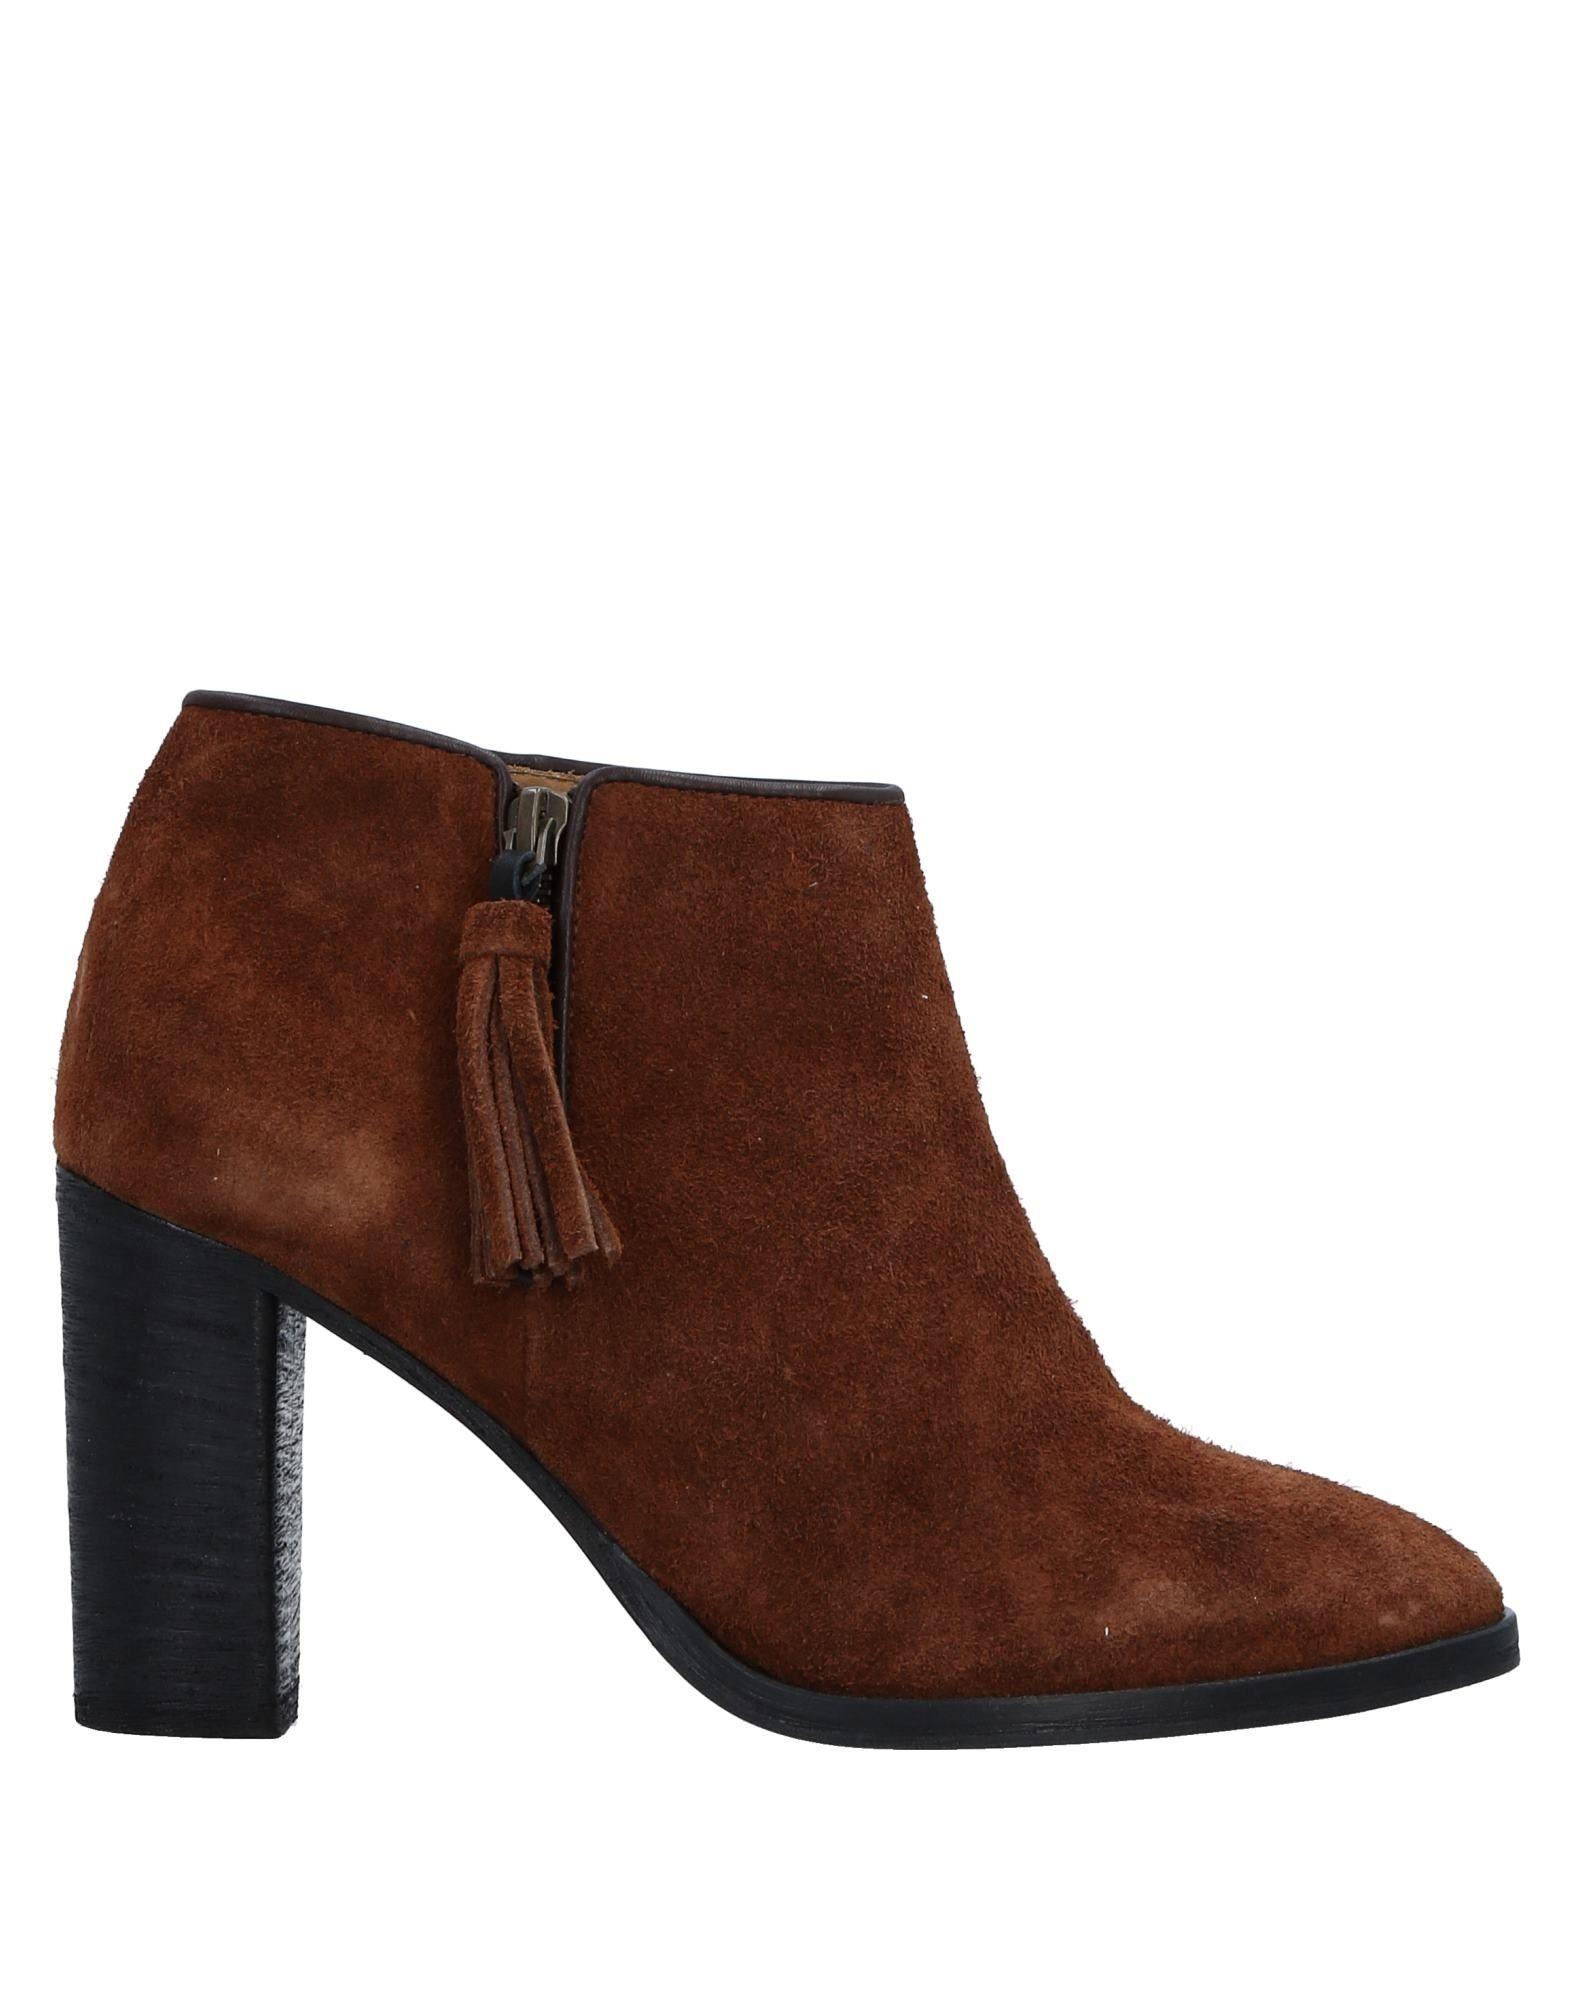 N.D.C. Made By Hand Stiefelette Damen  11525995WQ Heiße Schuhe